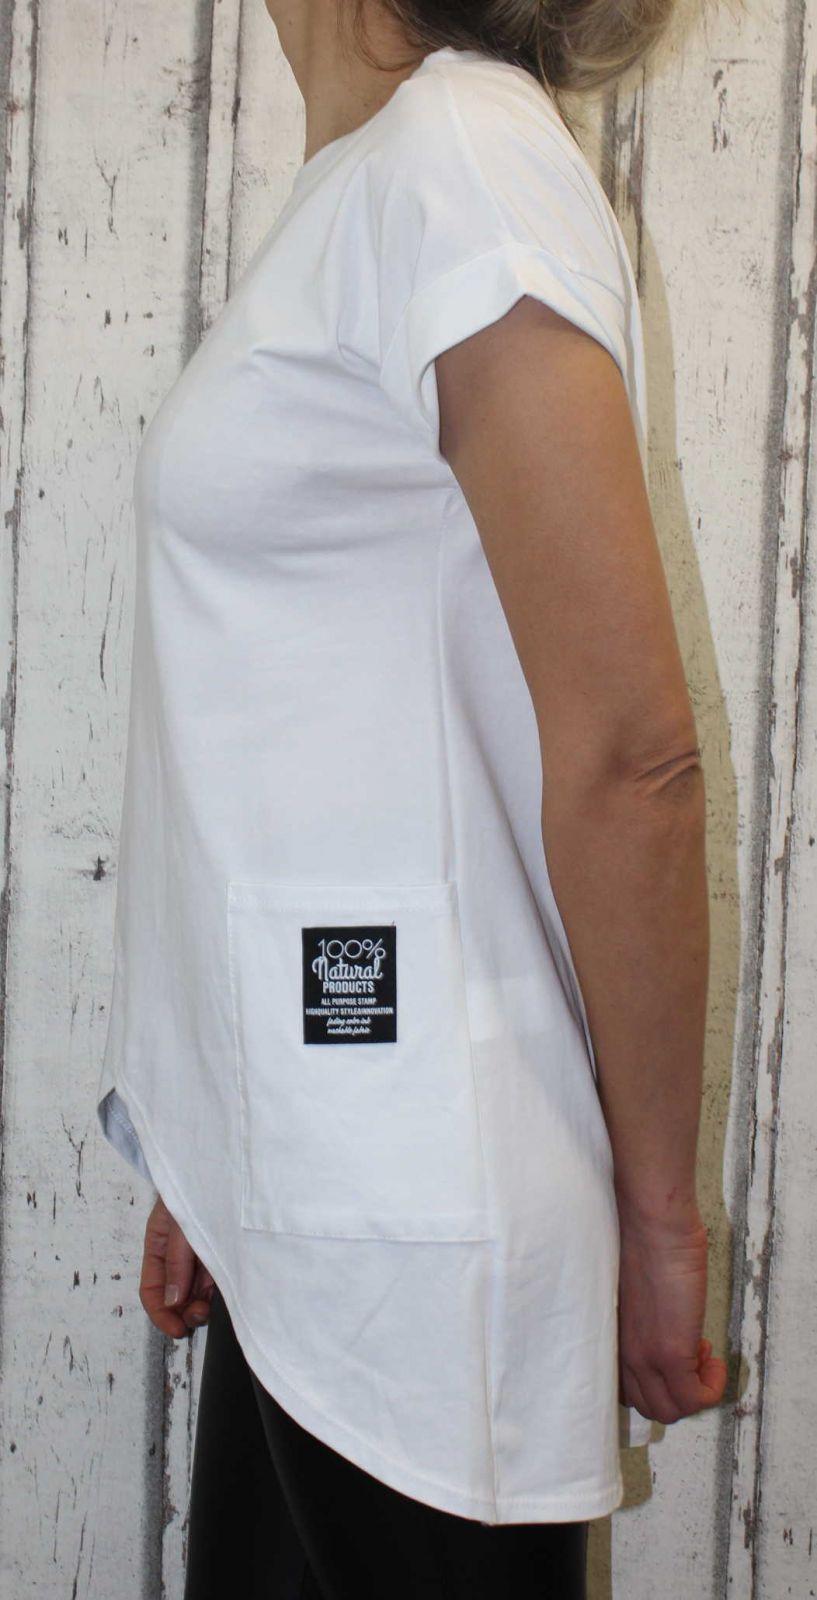 Dámské bavlněné tričko krátký rukáv dámské dlouhé tričko, tričko šikmý střih, zešikmené tričko, bavlněné dlouhé tričko, dámská dlouhá tunika, bílé dlouhé tričko Italy Moda